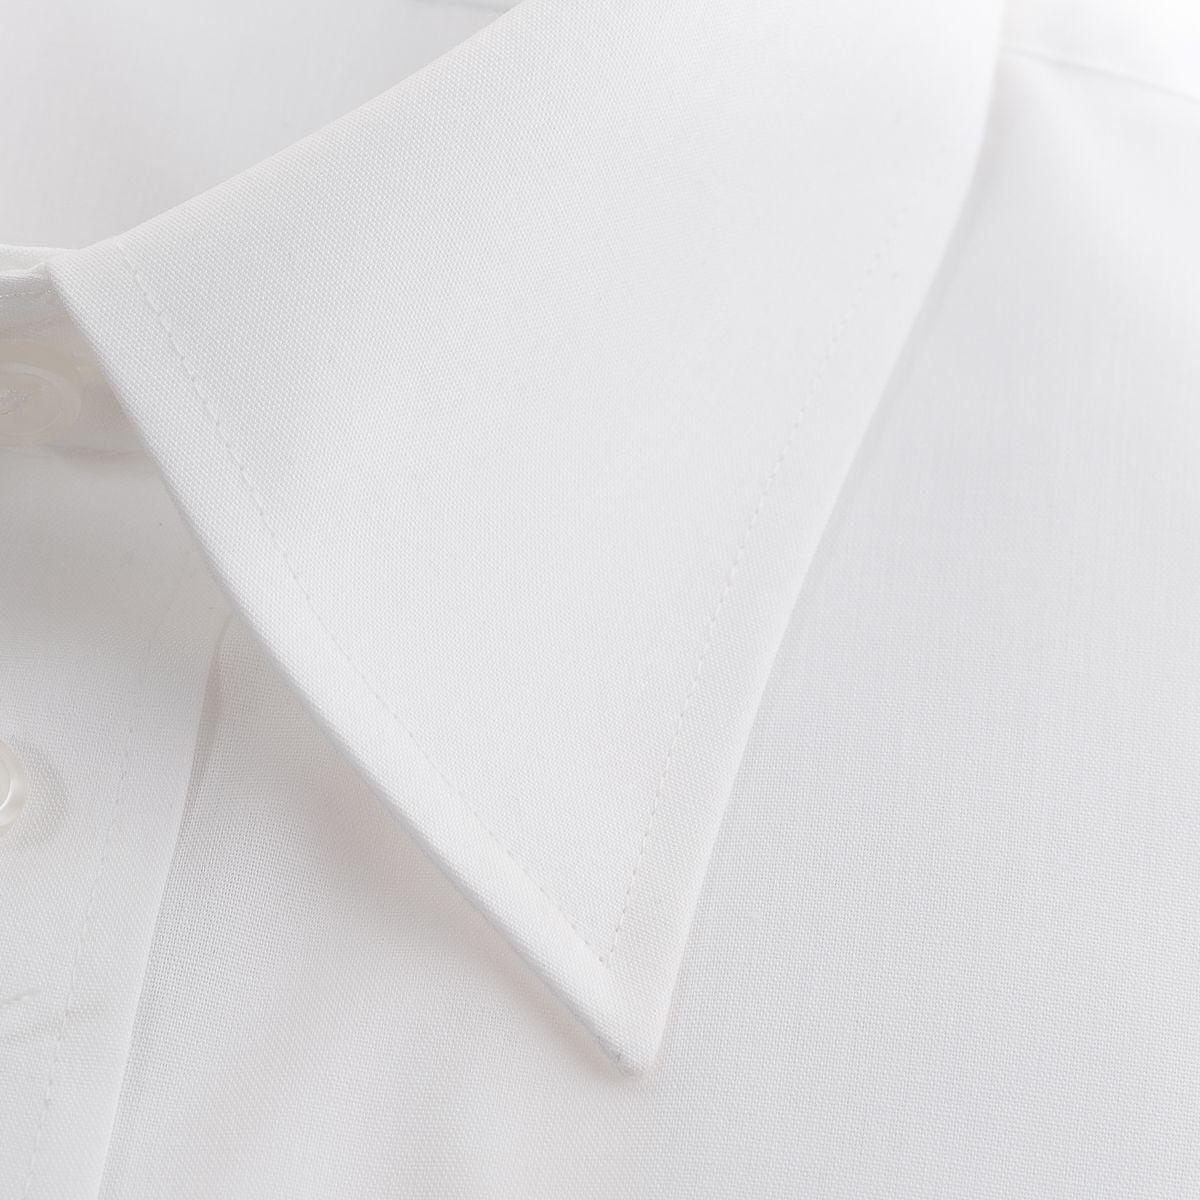 形態安定 レギュラーカラー ワイシャツ 長袖 【LADE ASTON】